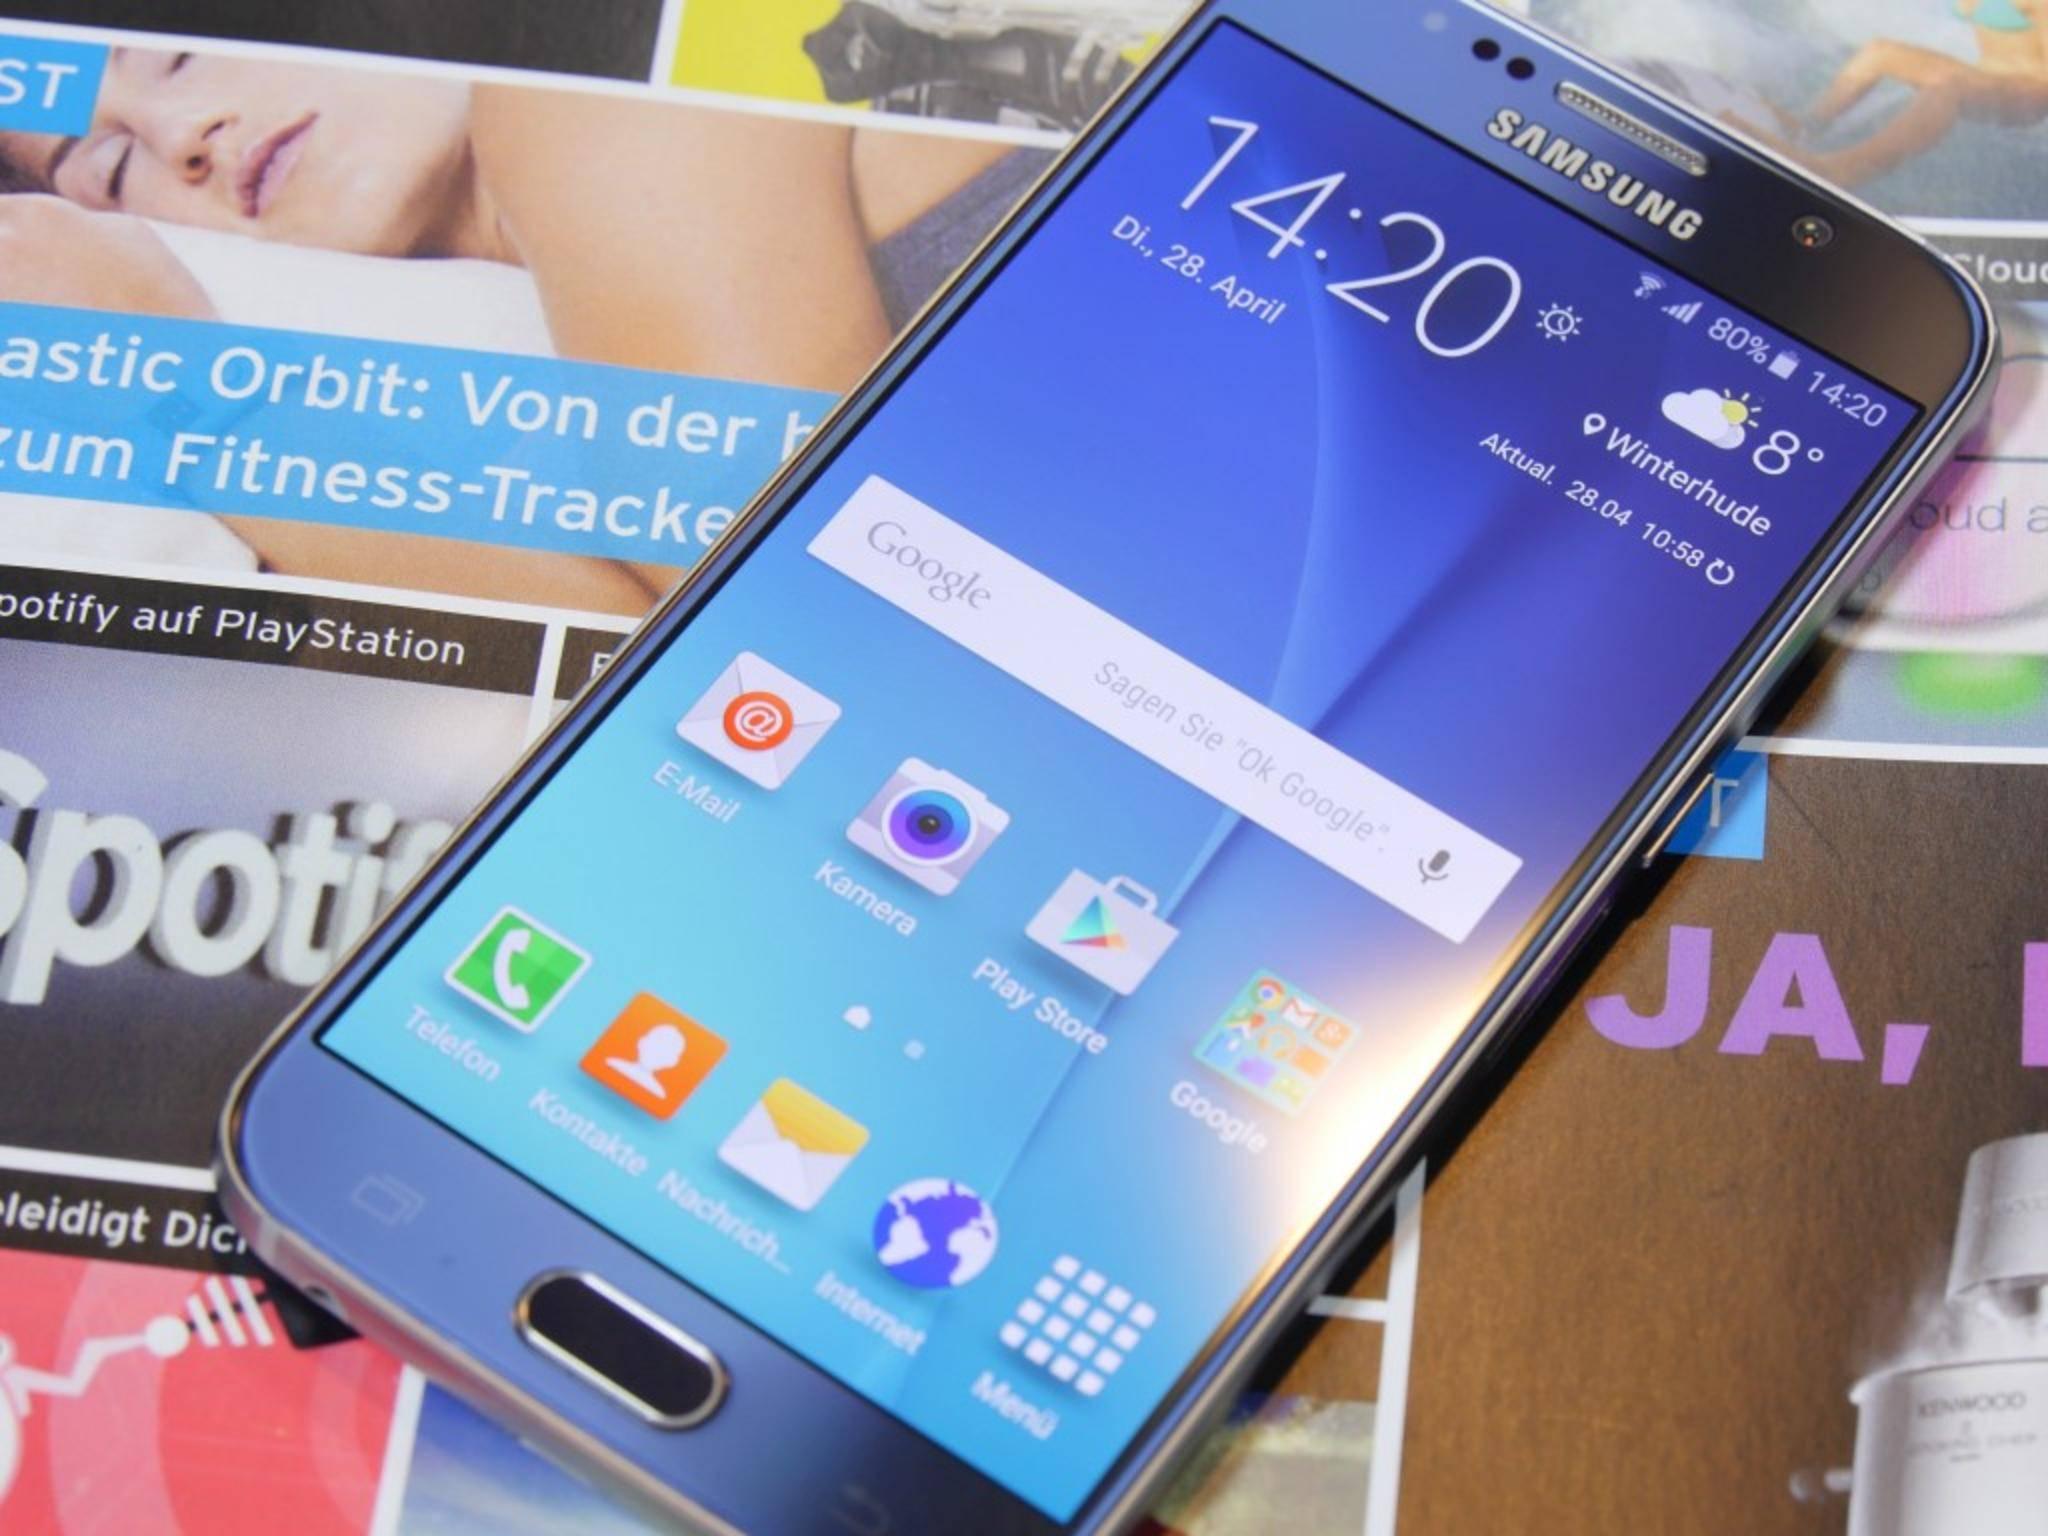 Samsung Könnte Release Des Galaxy S6 Mini Ausfallen Lassen